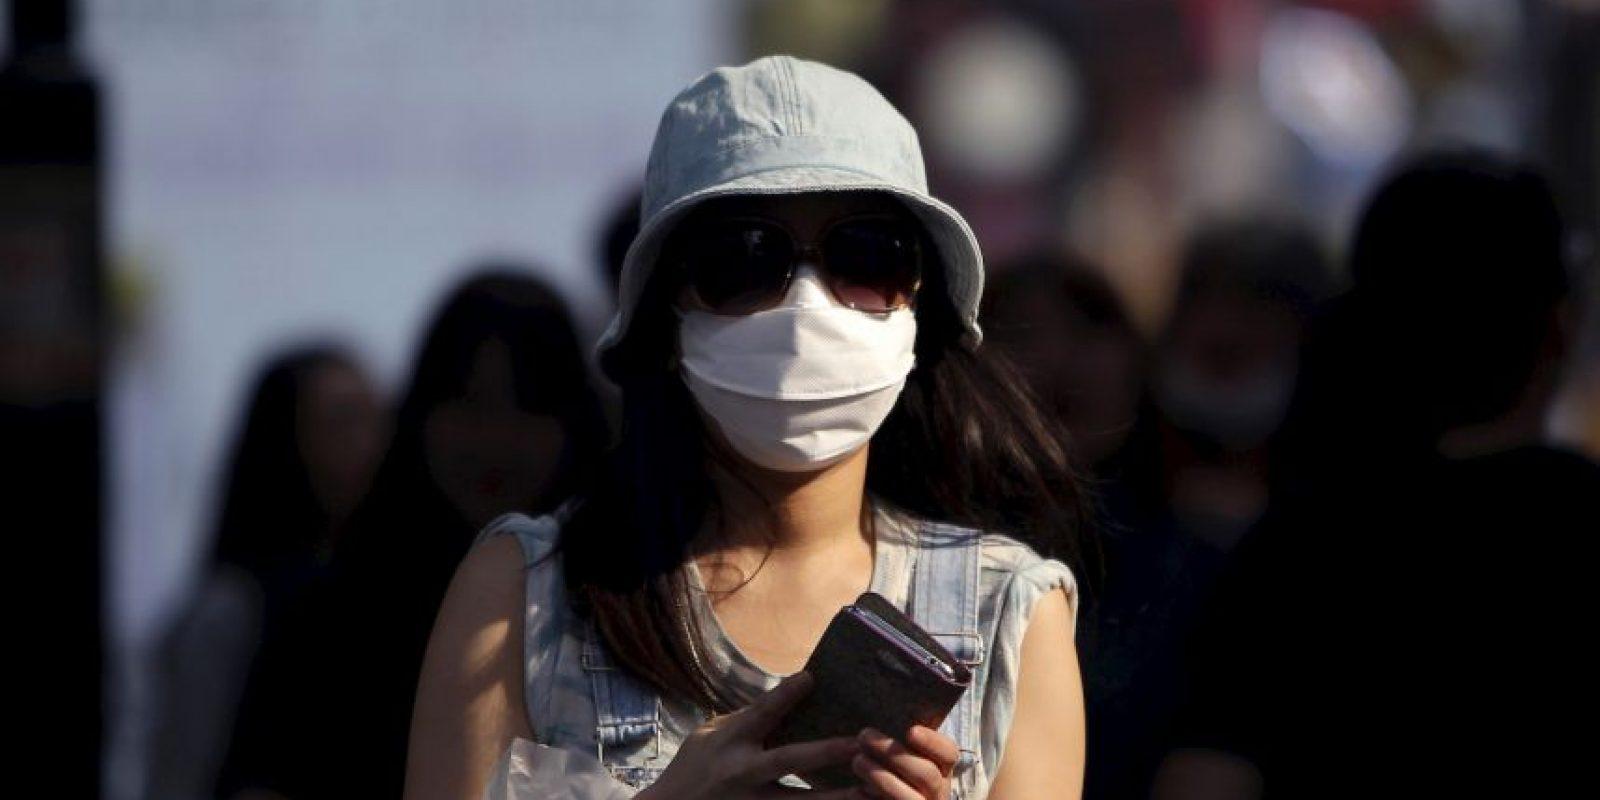 2. MERS afecta al sistema respiratorio (pulmones y conductos respiratorios). Foto:Getty Images